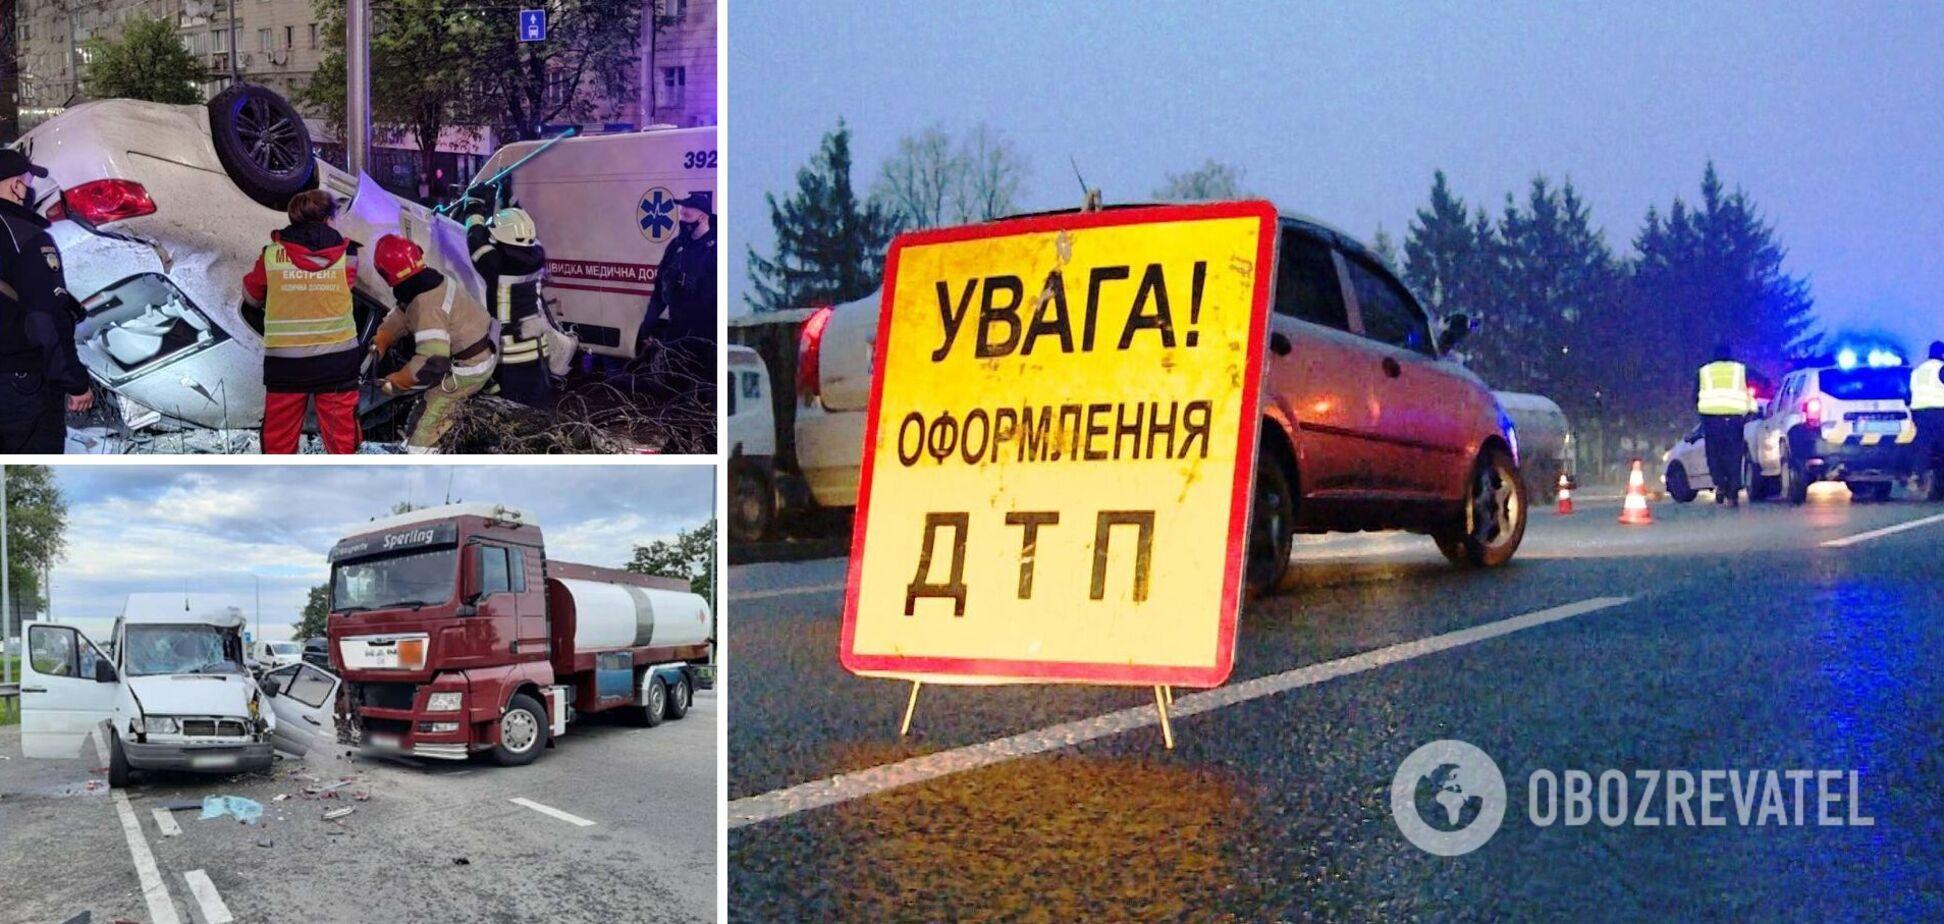 Кількість аварій у країні зросла